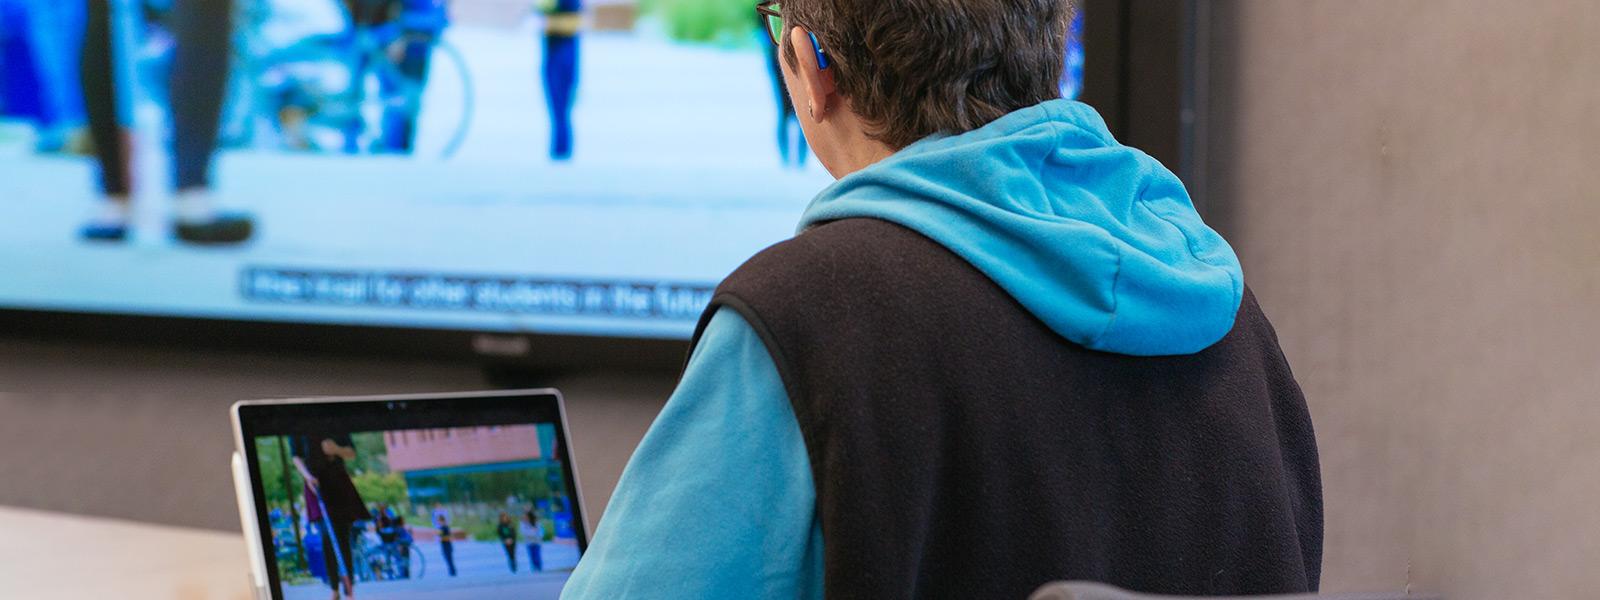 一名使用助聽器的女子,觀看帶有字幕的視頻演示